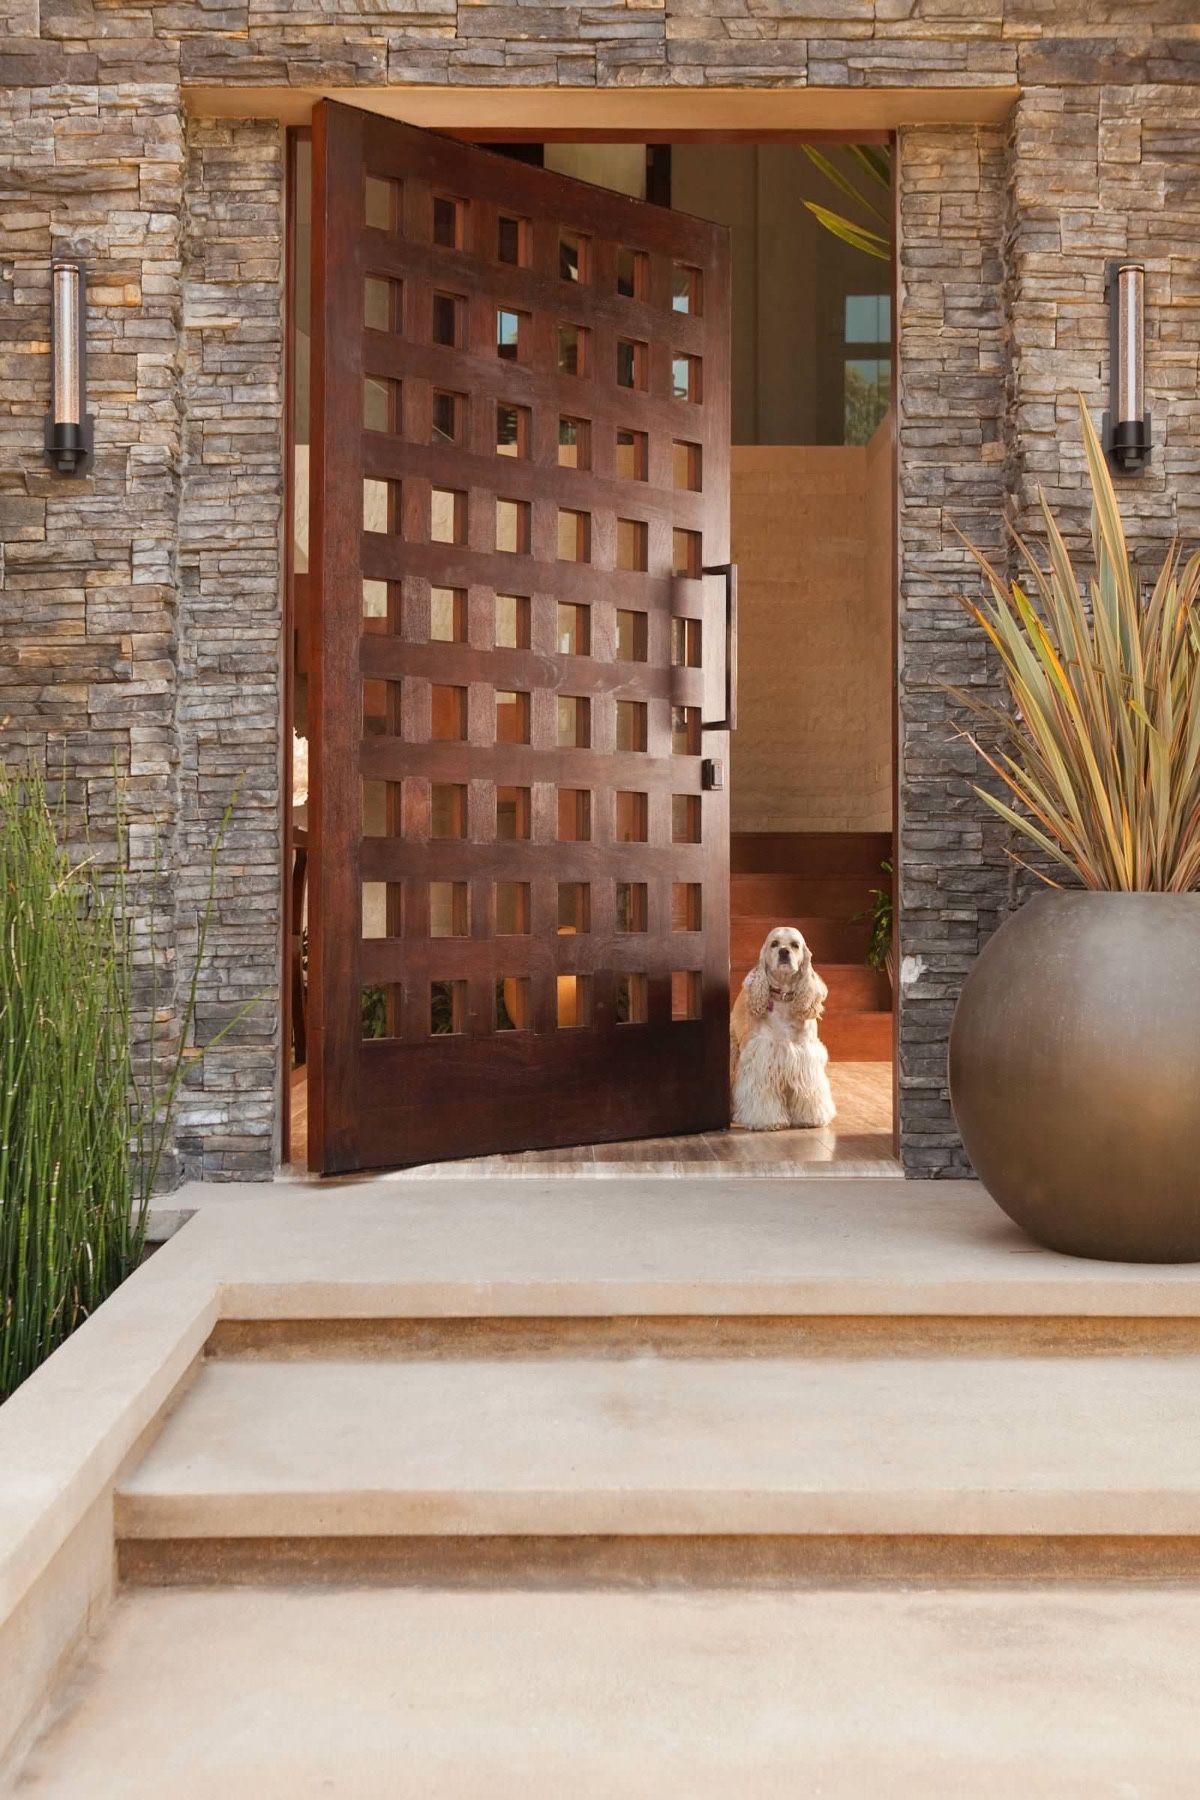 The front door is often the focal